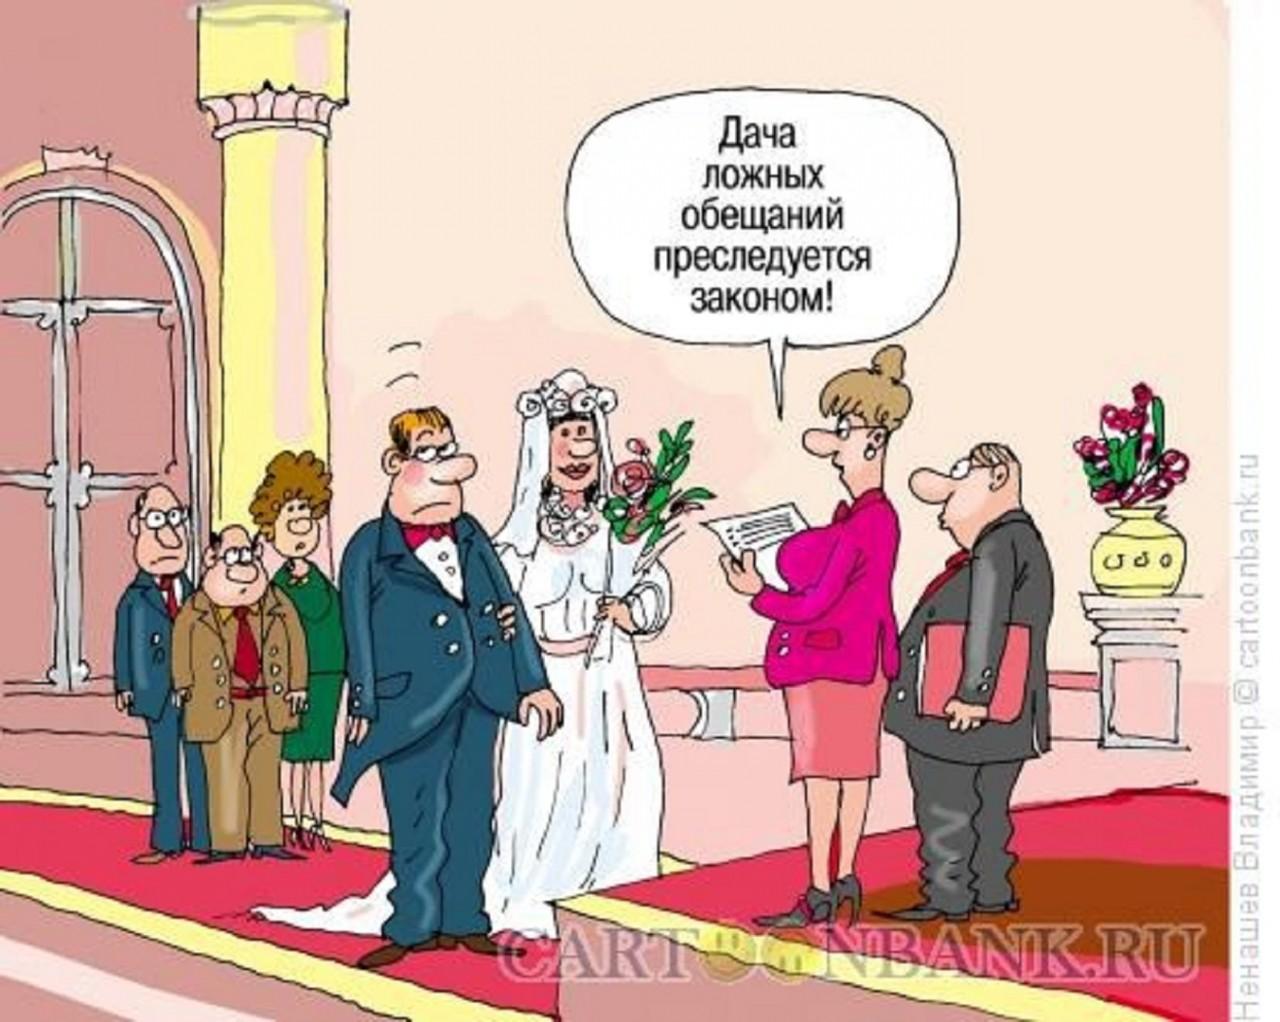 Прикольные поздравления со свадьбой молодым 14